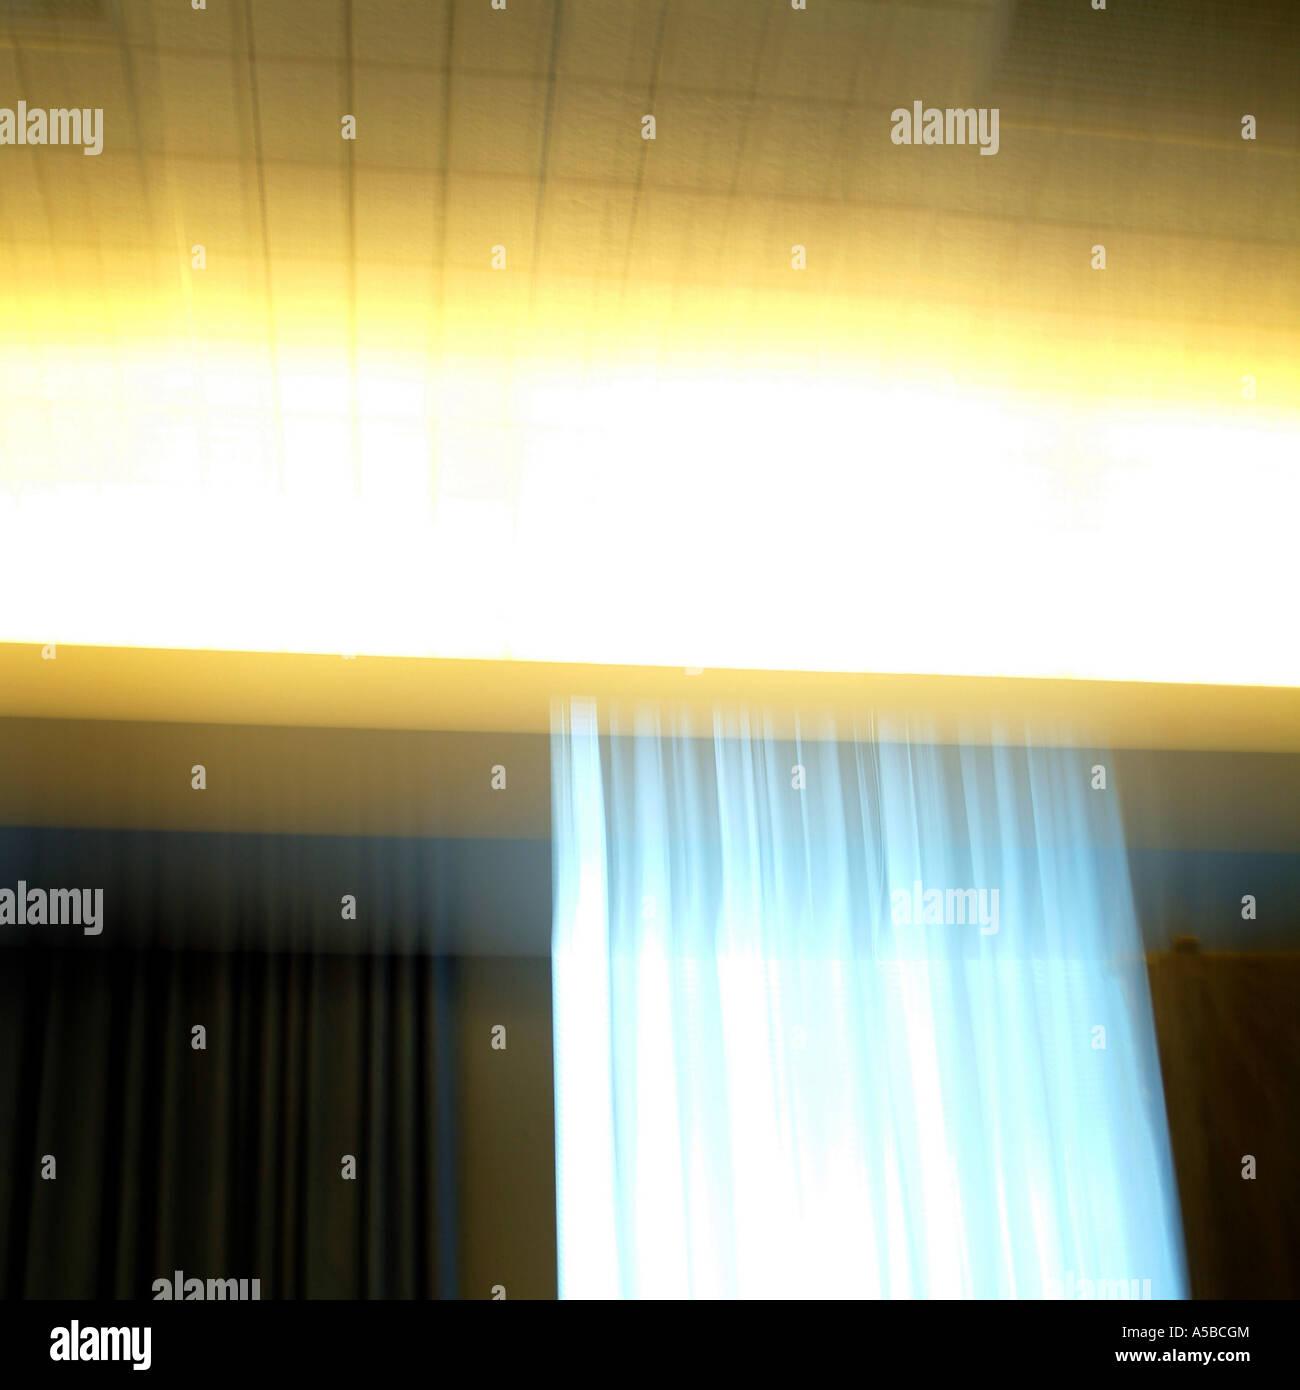 Lumière abstraite de l'architecture détaillée. Photo Stock